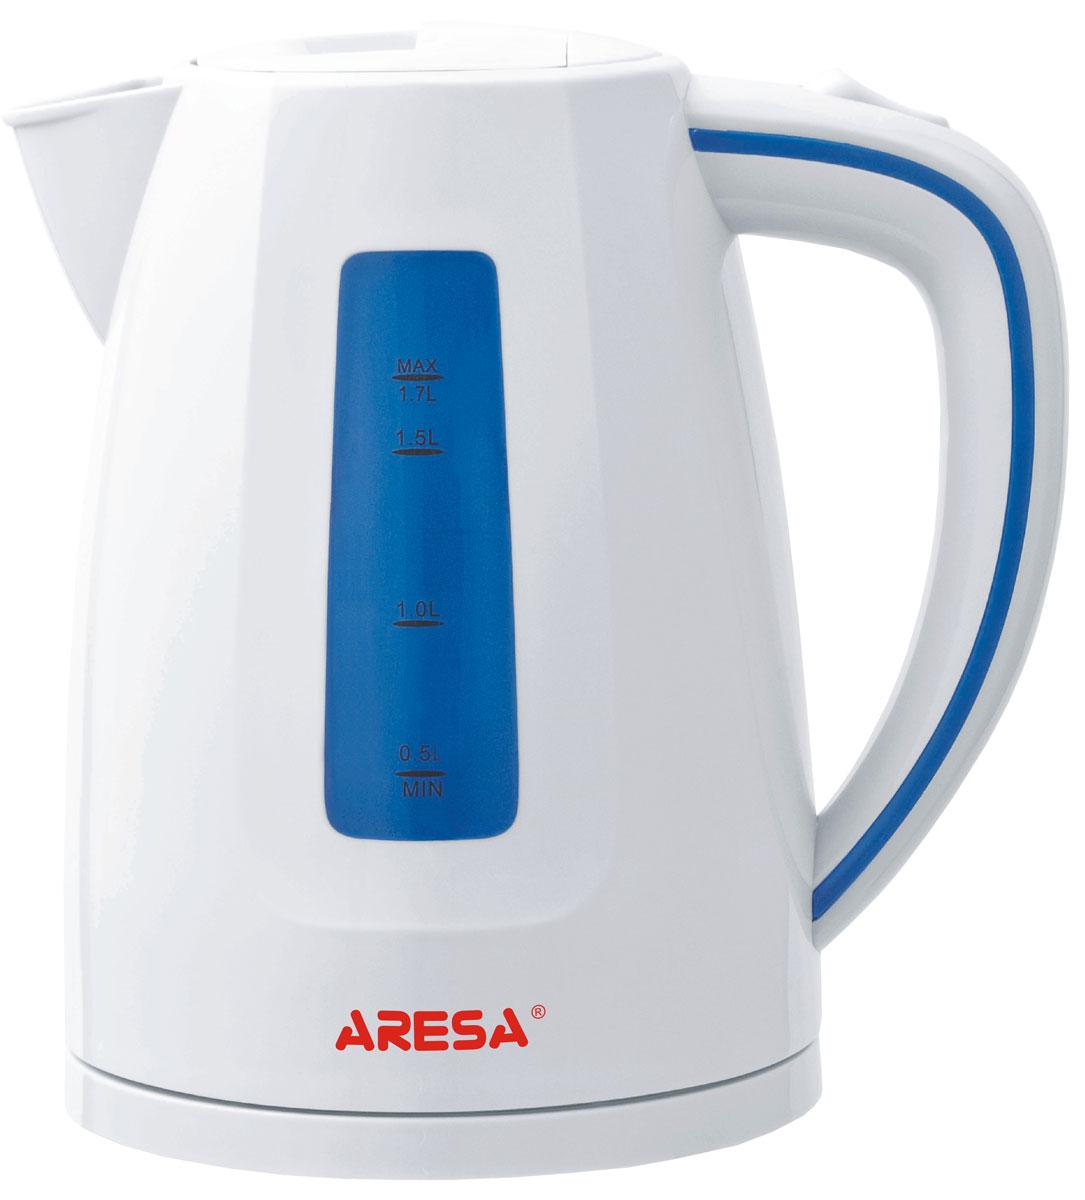 Aresa AR-3403 чайник электрическийAR-3403Электрический чайник Aresa AR-3403 мощностью 2000 Вт и объемом 1,7 литра отвечает всем современным требованиям надежности и безопасности. При его производстве используются только высококачественные и экологически безопасные материалы, а также нагревательный элемент и контроллеры высокого класса надежности. Устройство будет служить вам долгие годы, наполняя ваш быт комфортом!